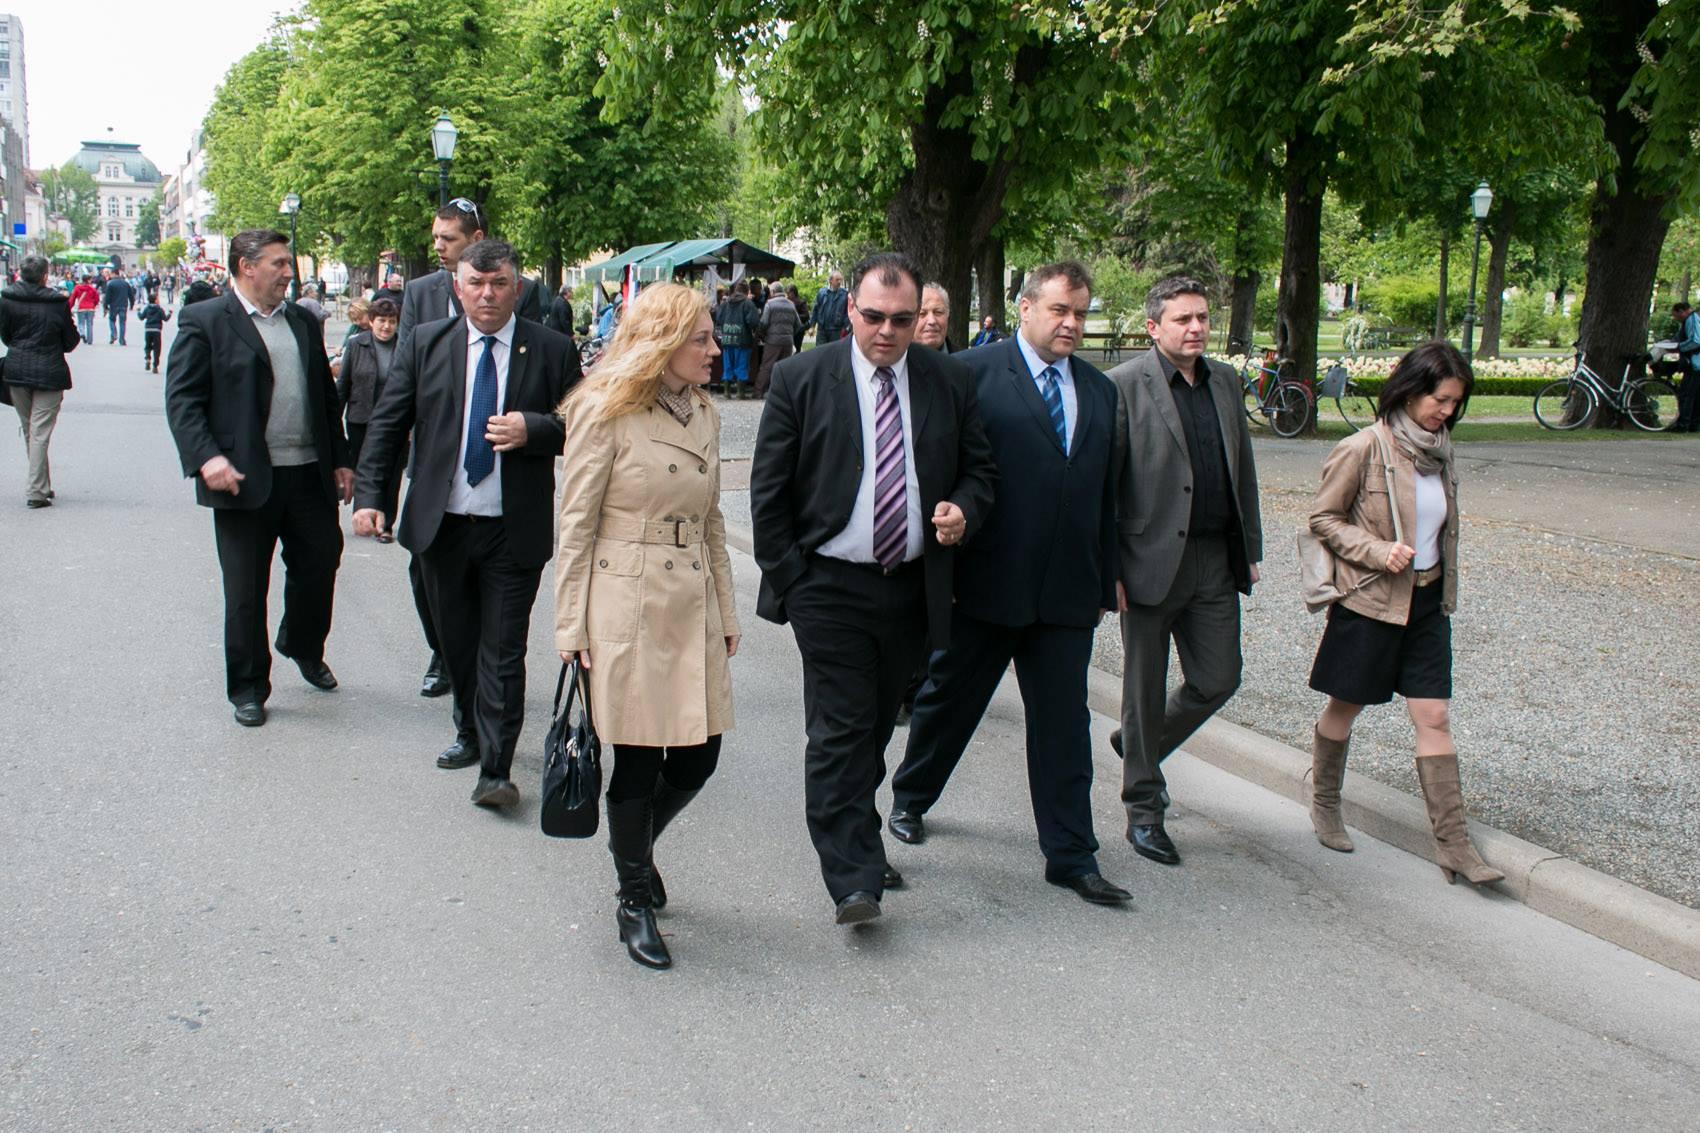 NAJNOVIJA PORUKA IZ HSS-a Jurina Beljana optužuje za manipulaciju